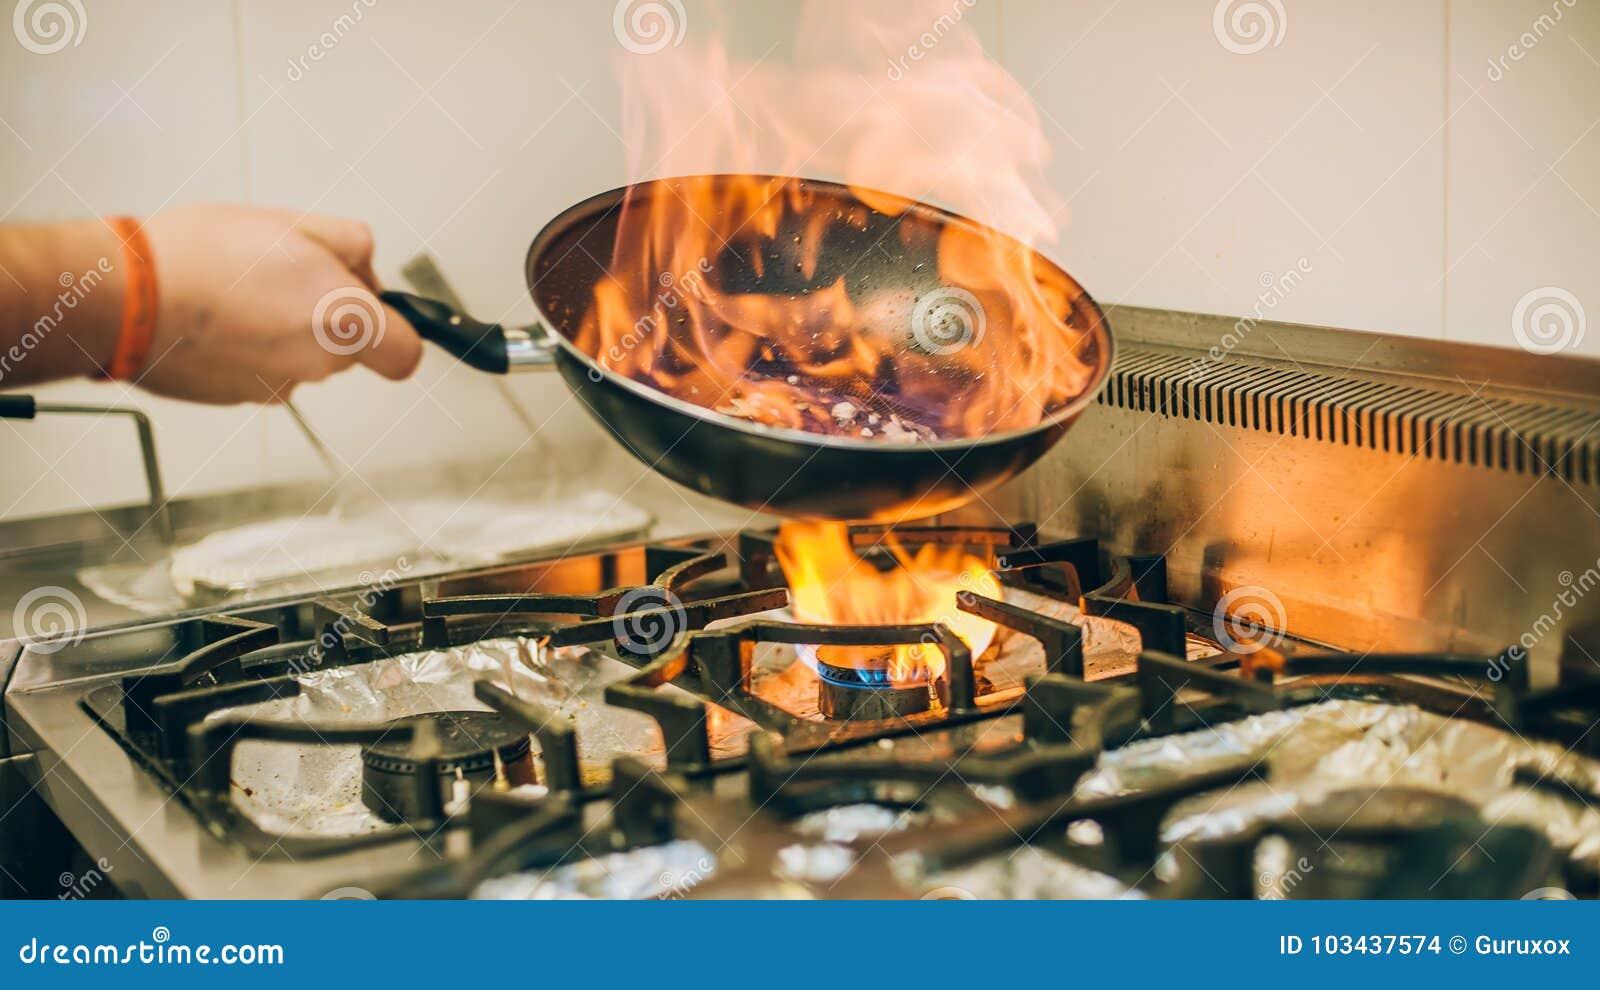 quemadura con sarten